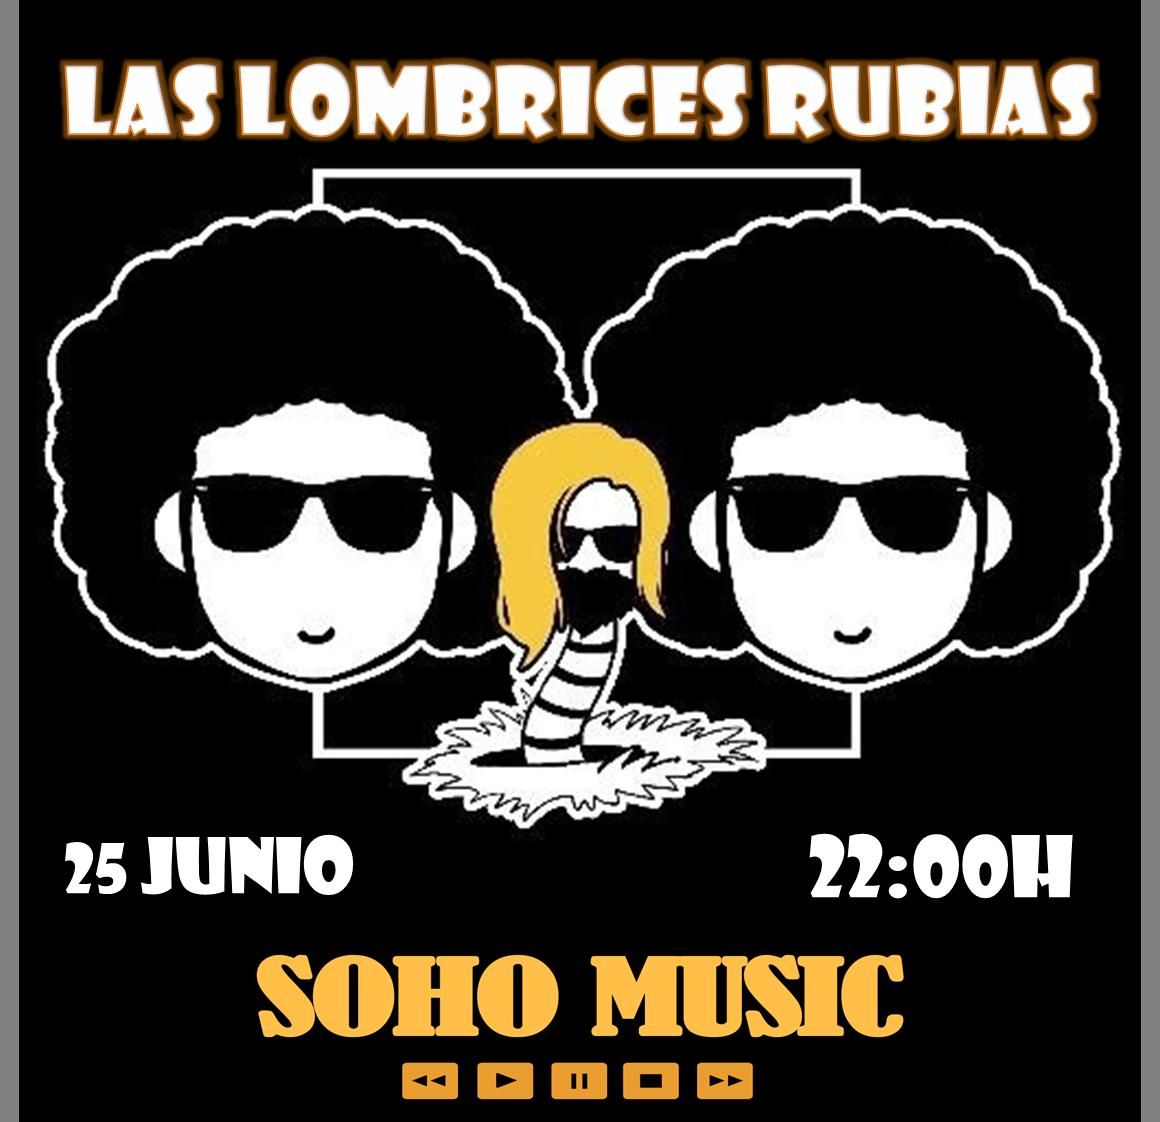 Este Jueves disfruta del mejor concierto con LAS LOMBRICES RUBIAS y te invitamos a la 2º consumición!!